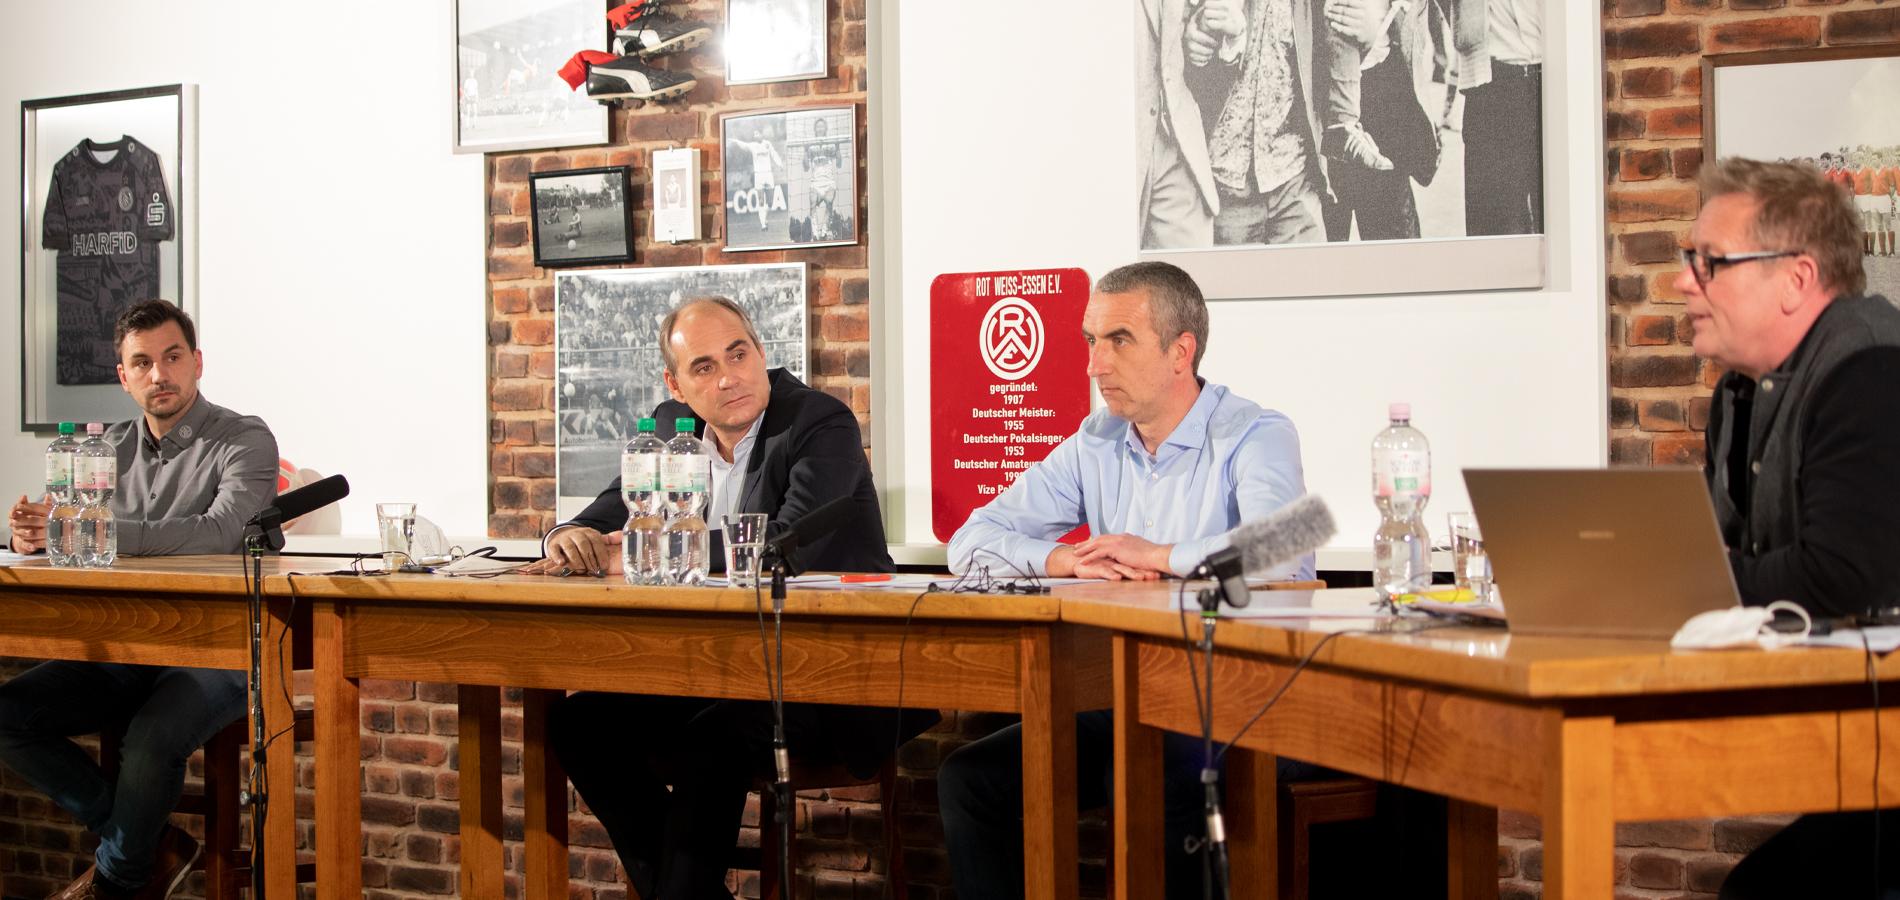 Standen Fragen der Rot-Weissen und von Moderator Dirk Kindsgrab (r.) Rede und Antwort (v.l.n.r.): Jörn Nowak, Dr. André Helf und Marcus Uhlig.